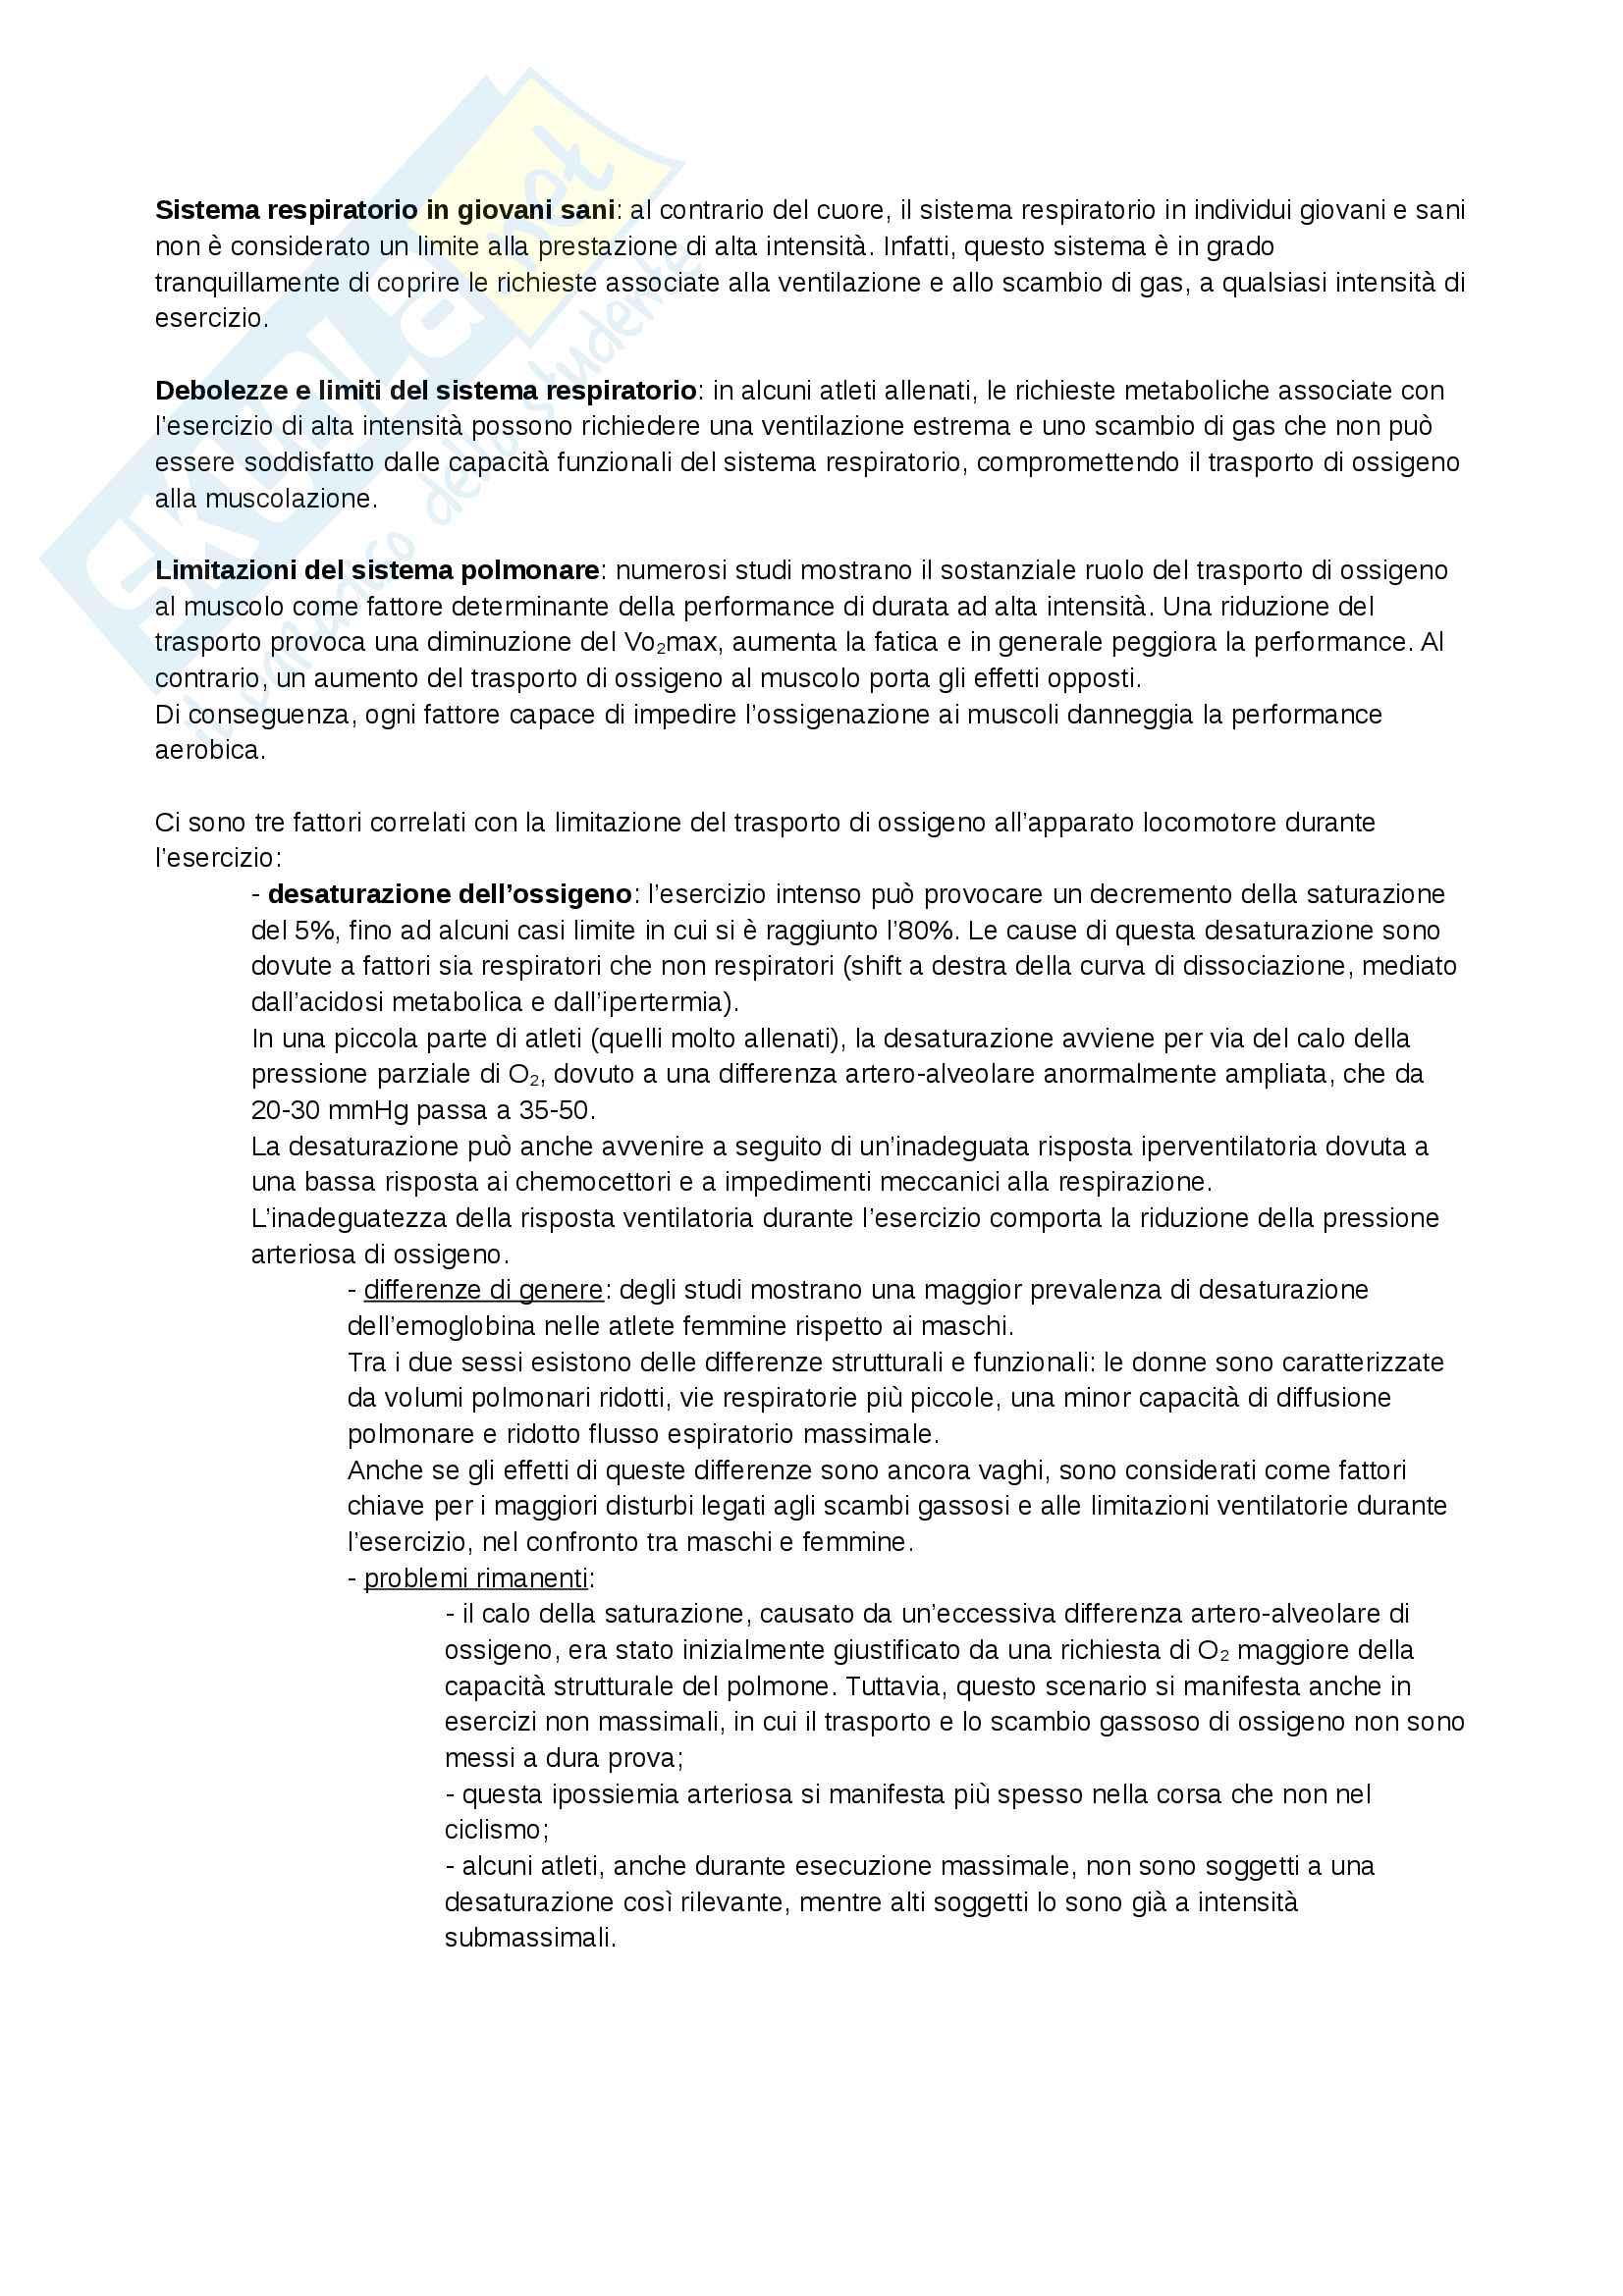 Appunti - Limitazioni del sistema polmonare durante lo sport